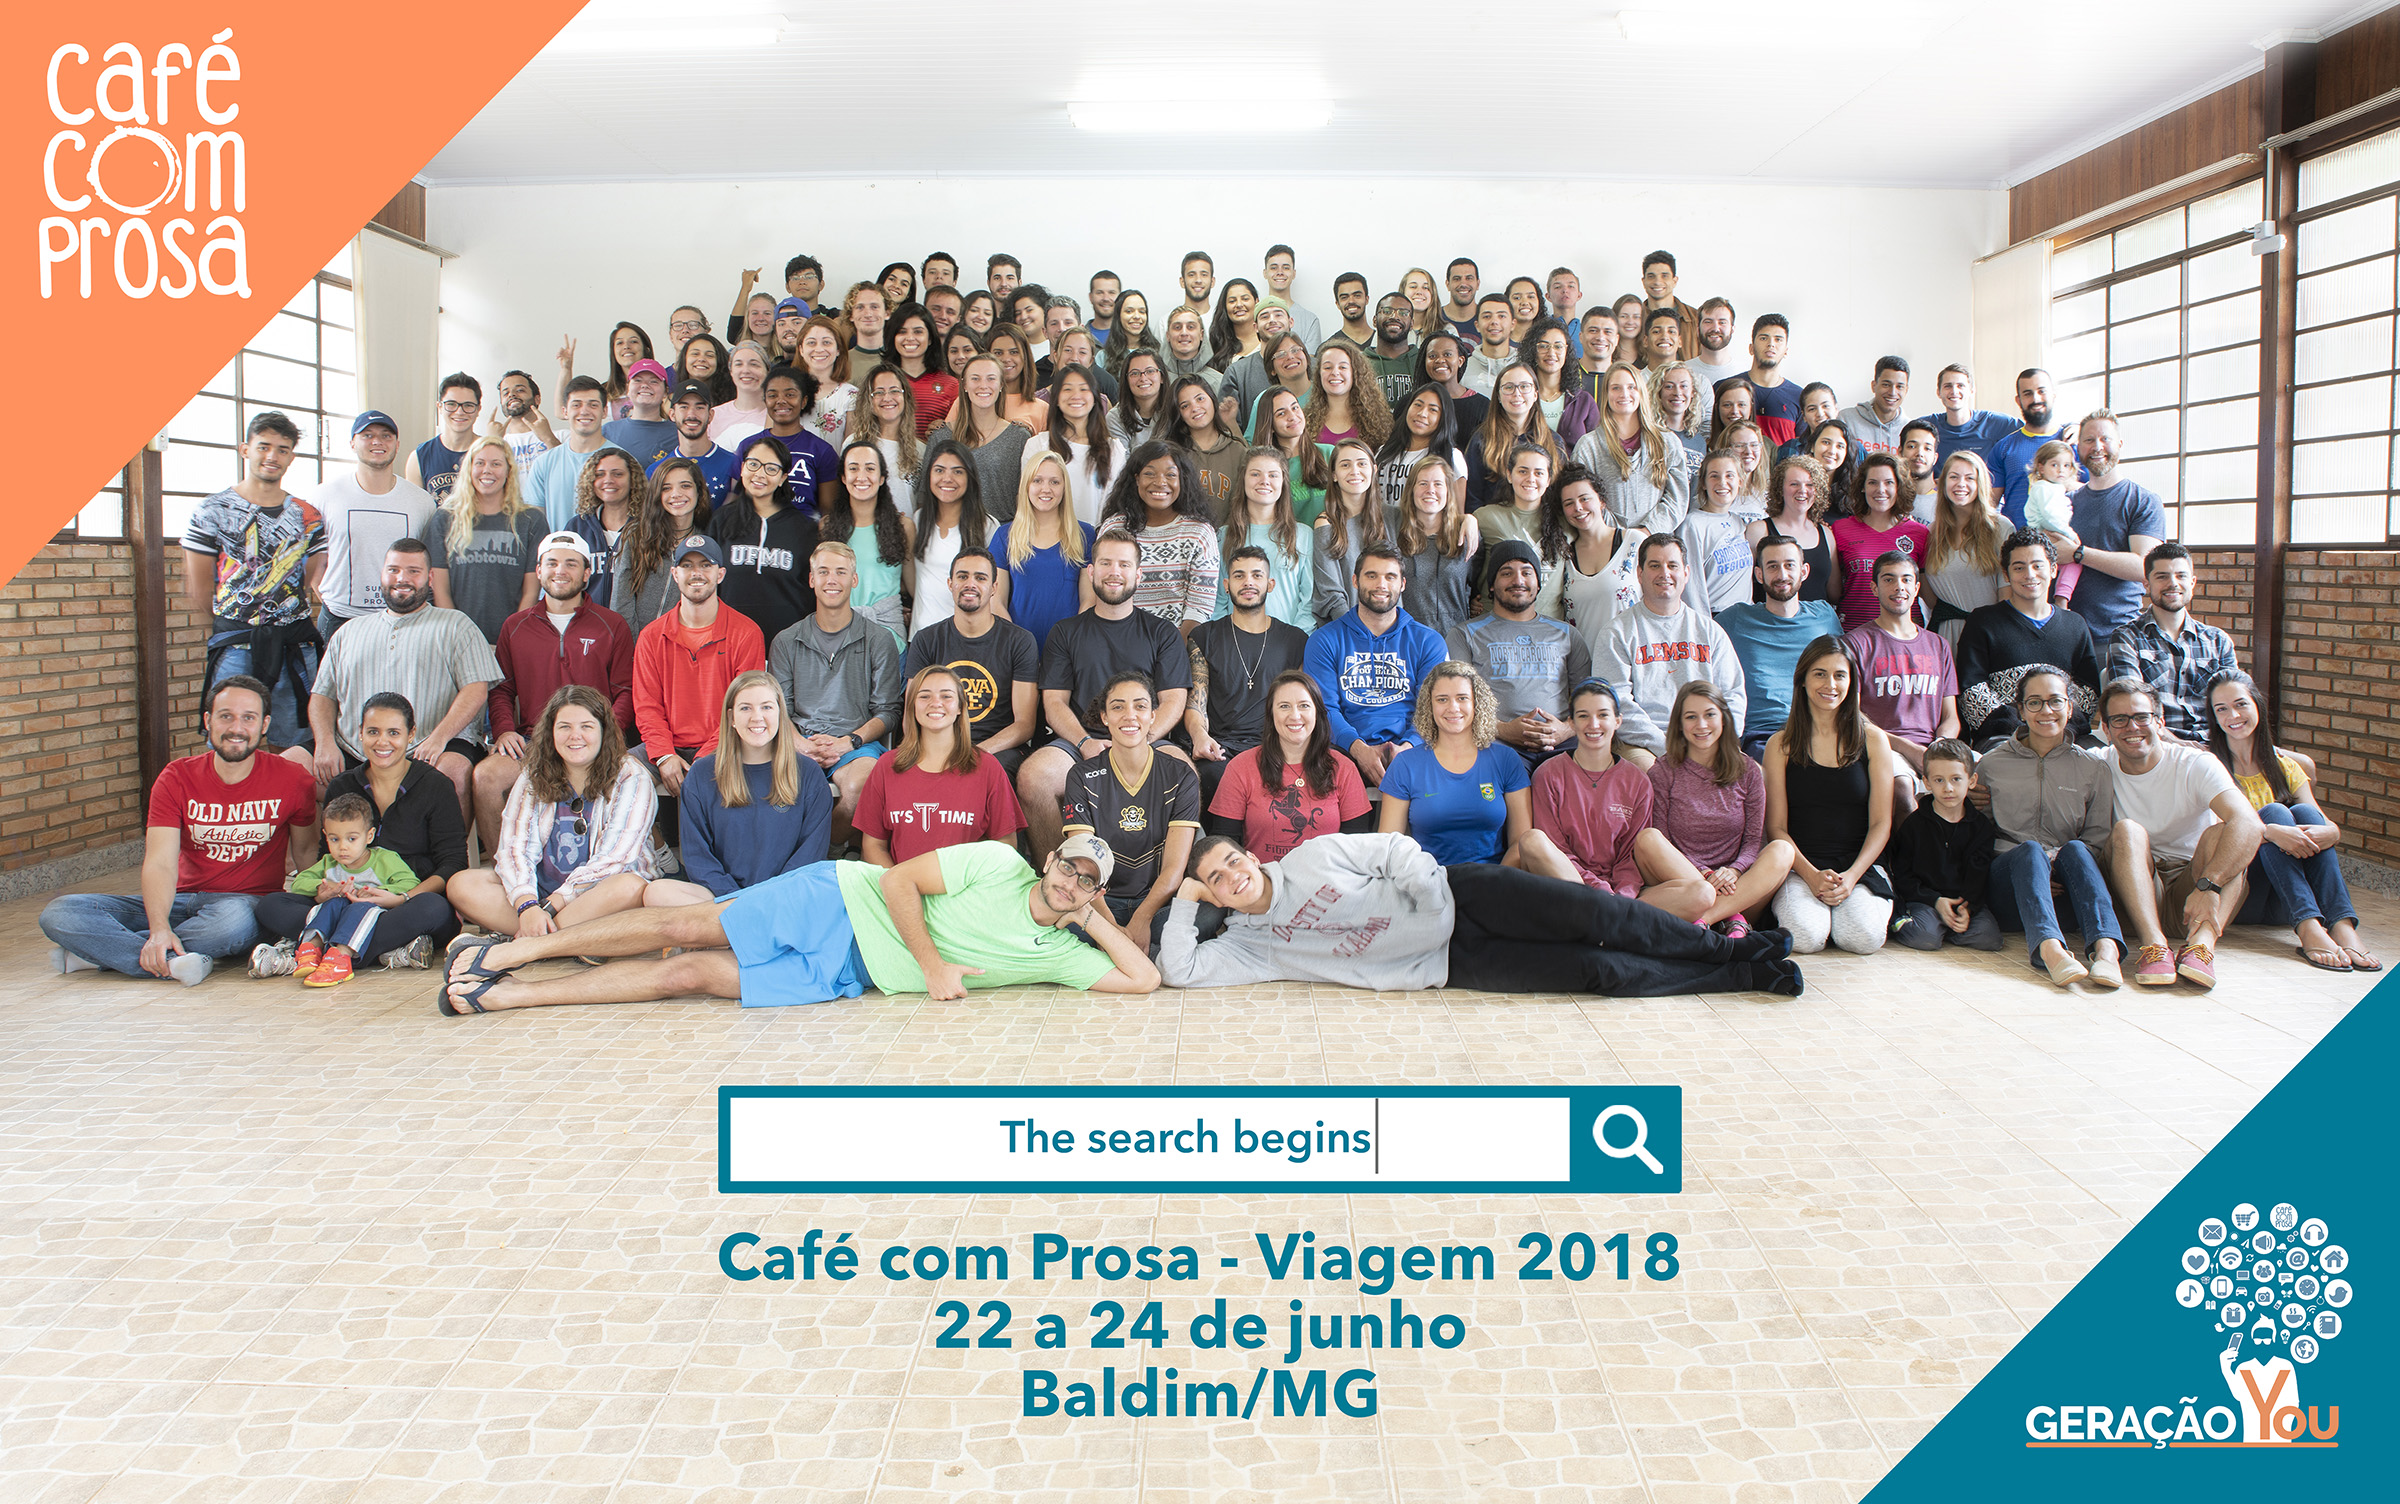 FOTO OFICIAL Café com Prosa - Viagem 2018 (low res).jpg